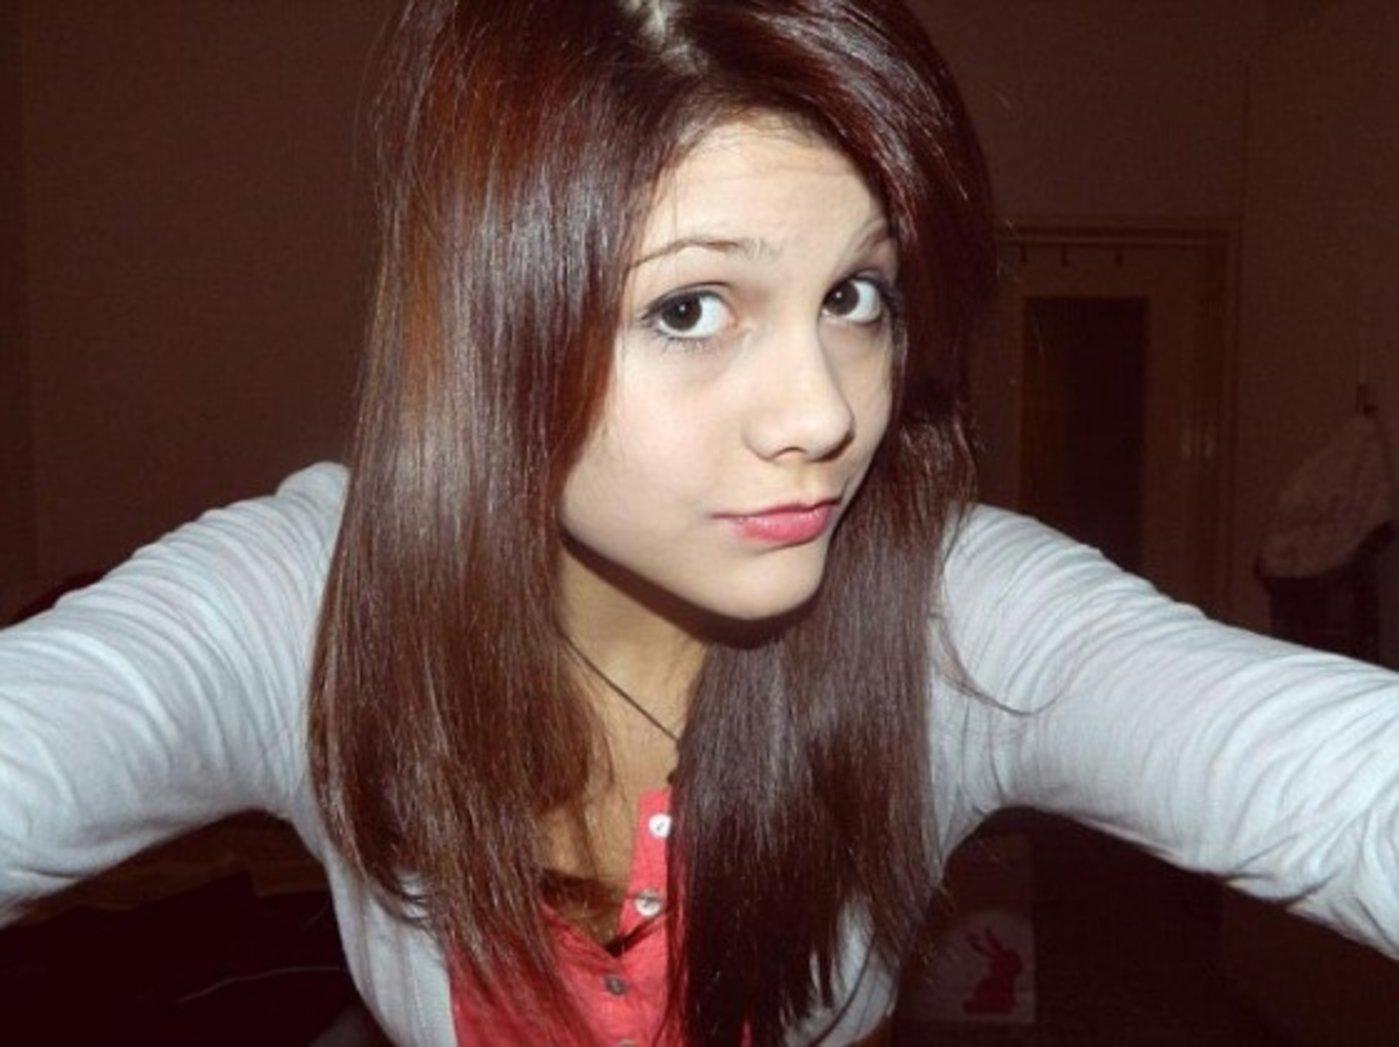 意大利女孩自杀致Facebook麻烦上身